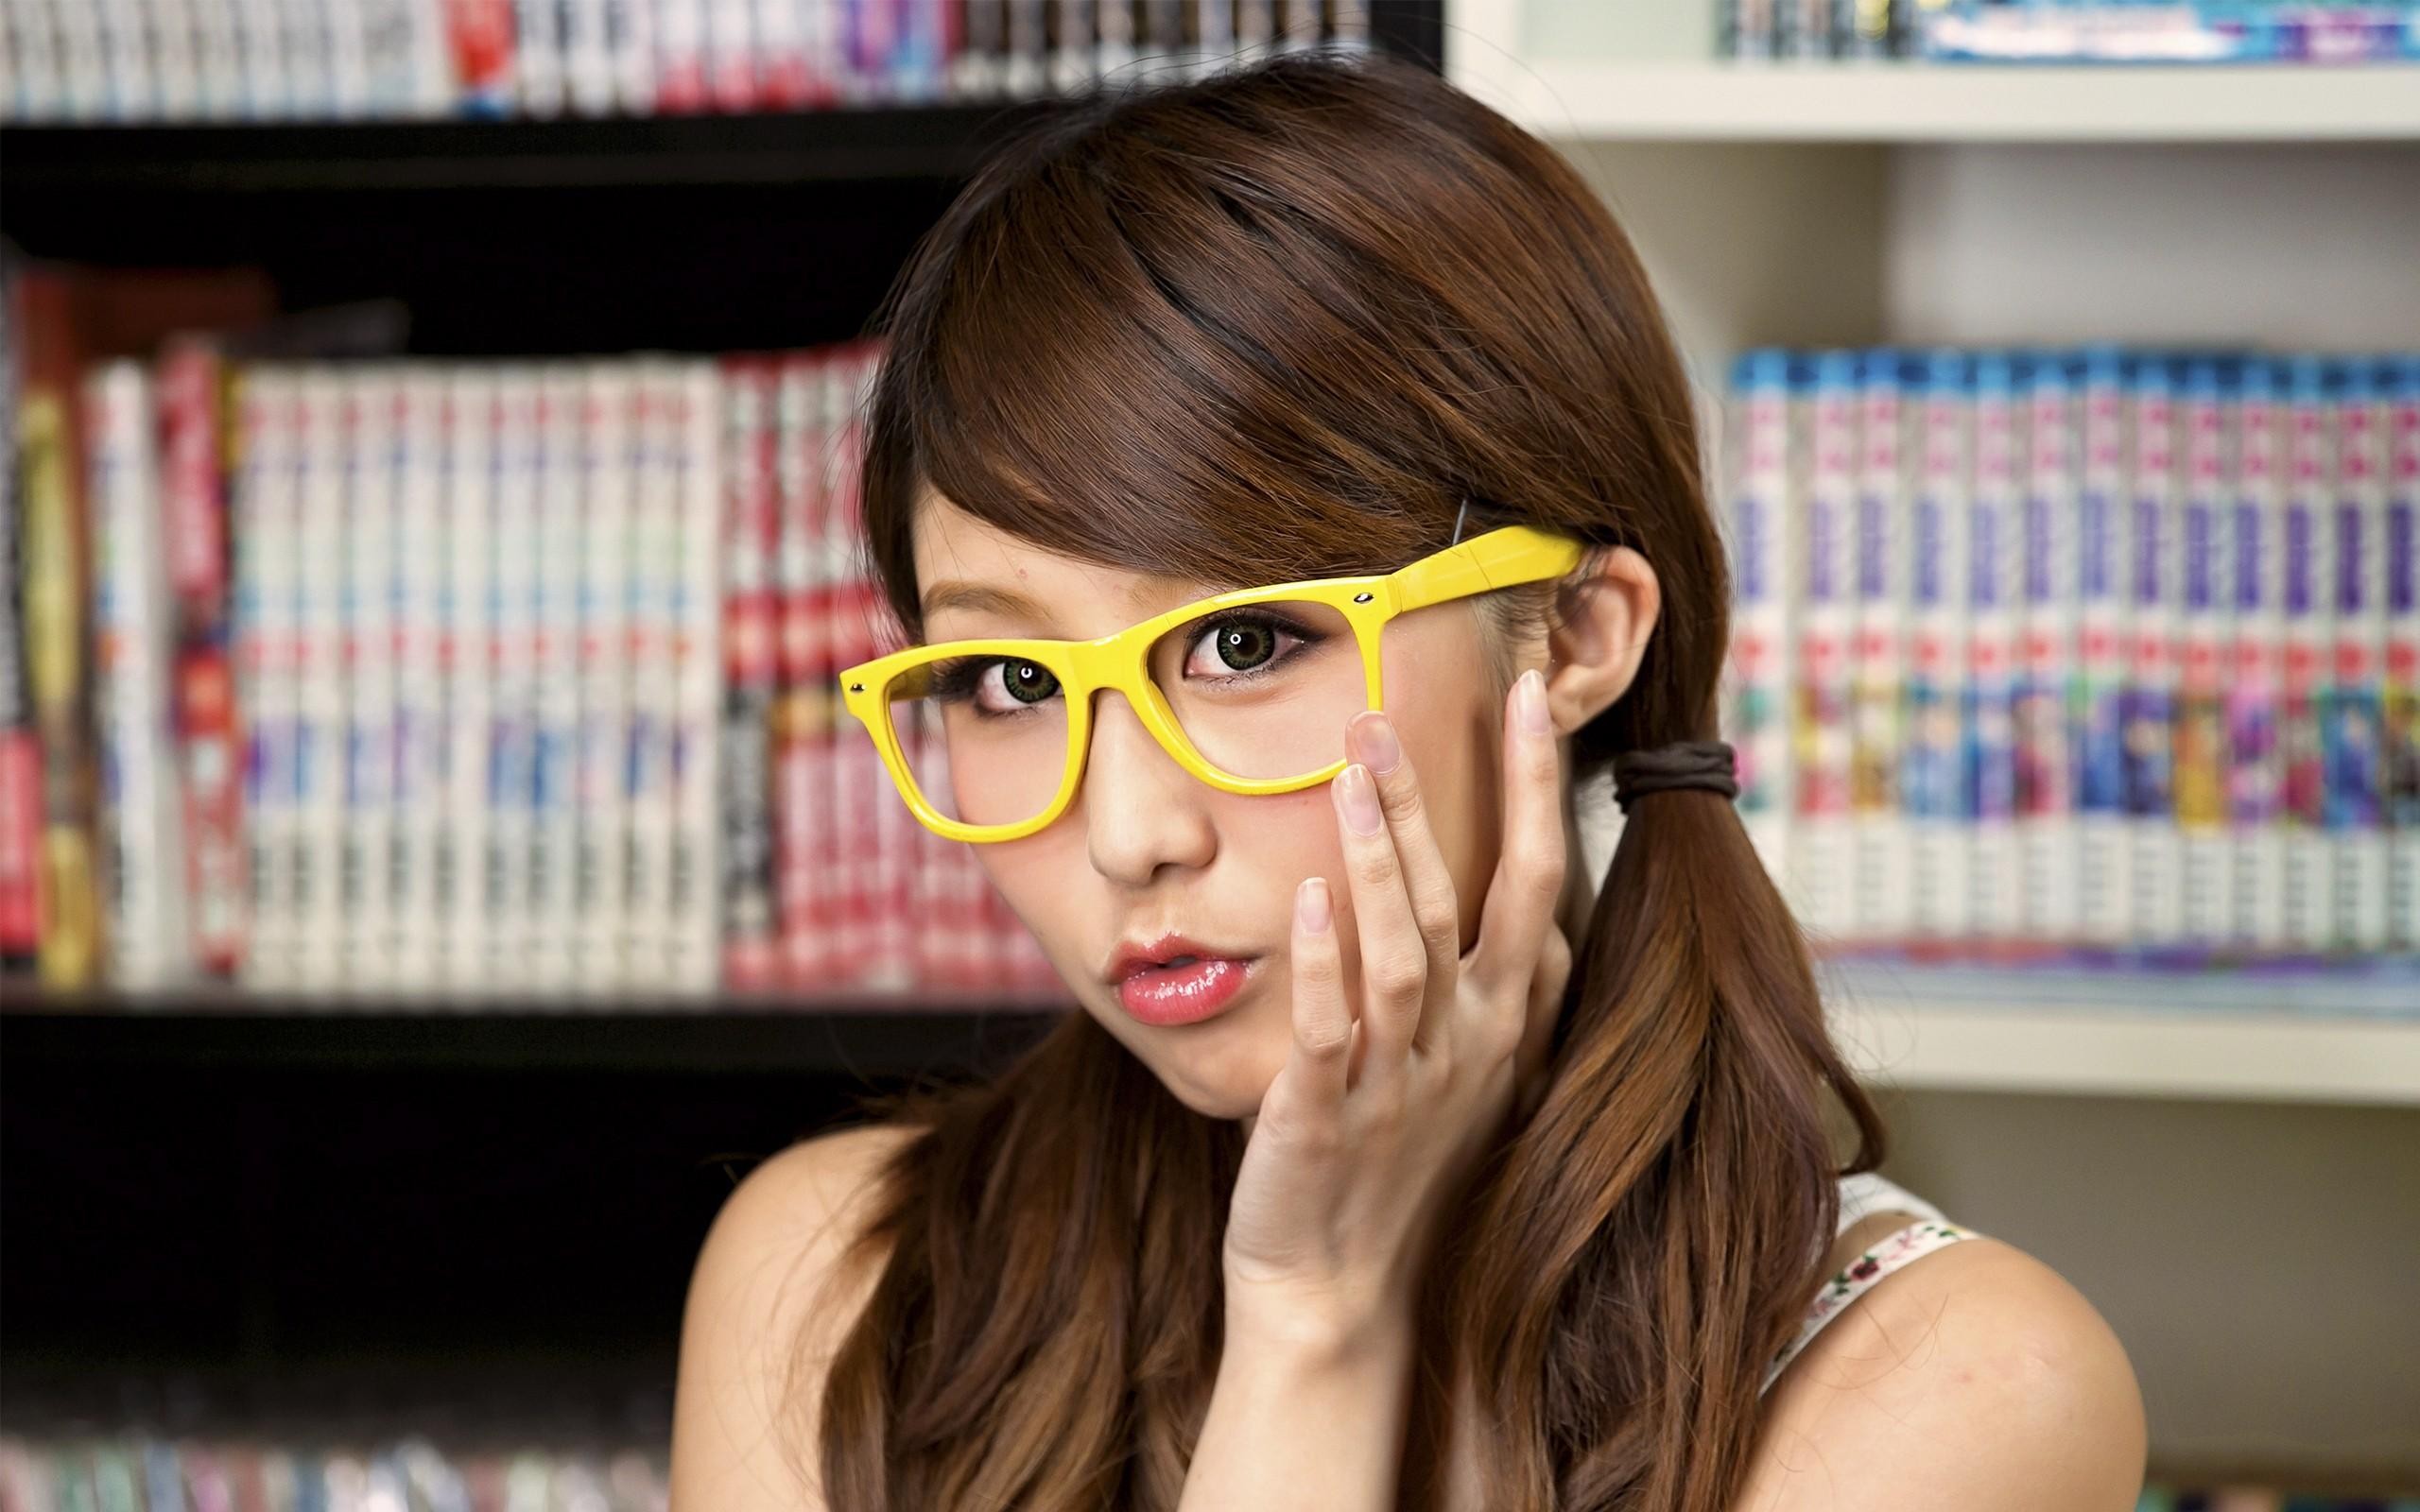 Chicas asiáticas con lentes - 2560x1600